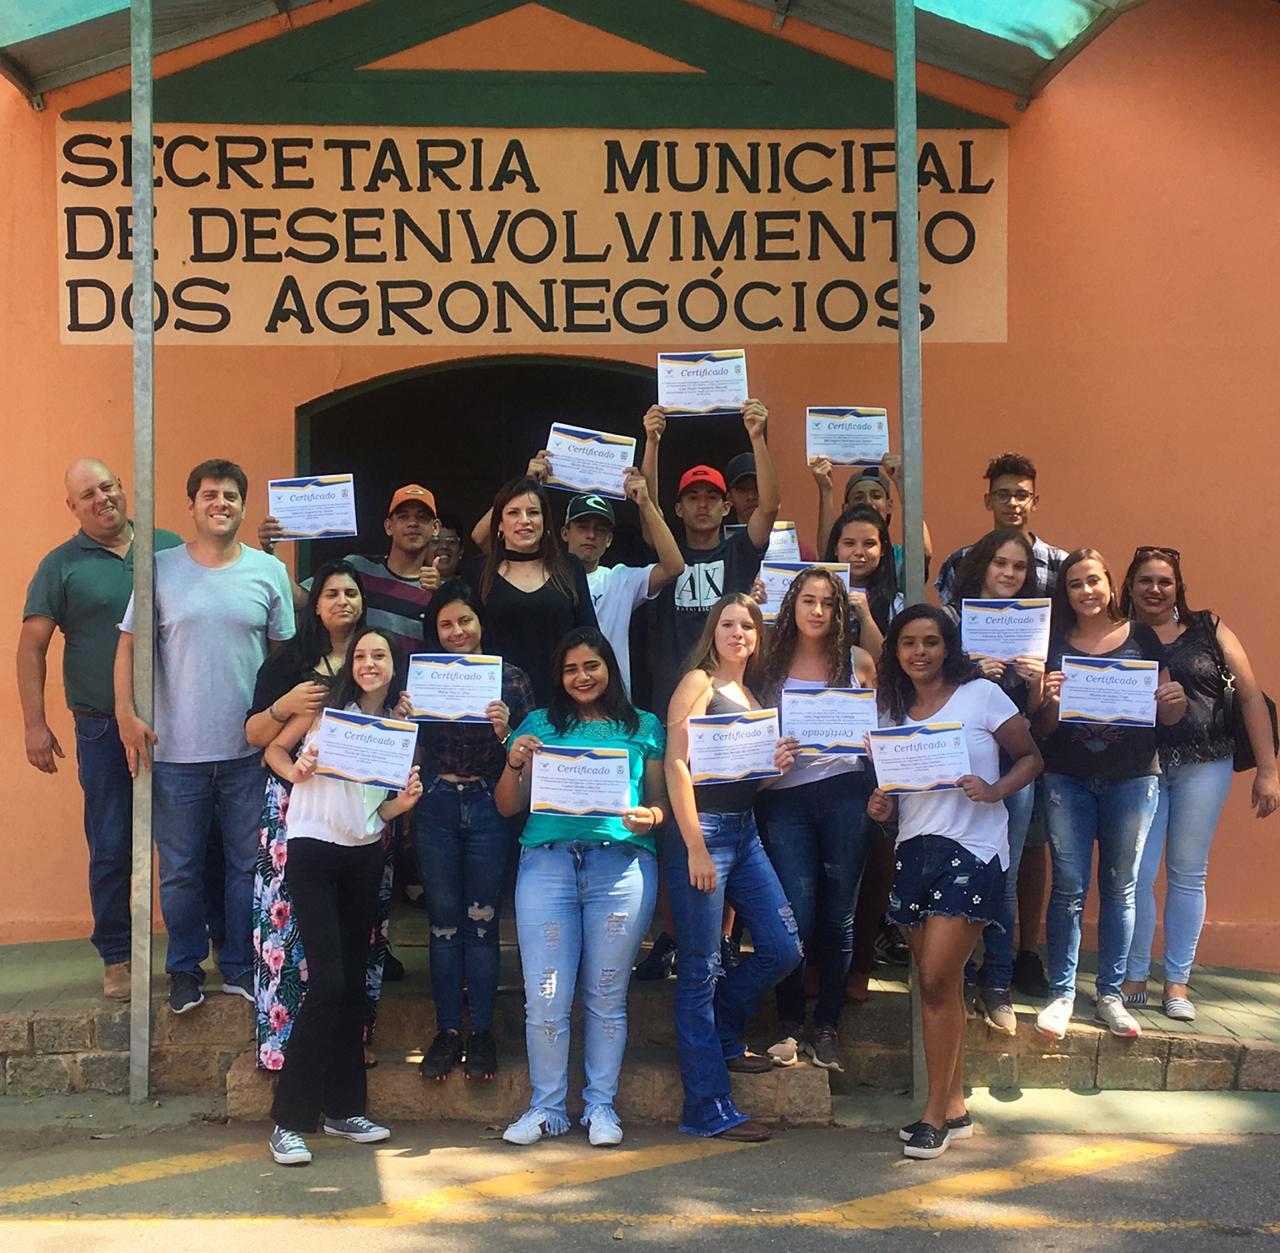 07.12.2018 Entrega dos Certificados jovem agricultor do Futuro